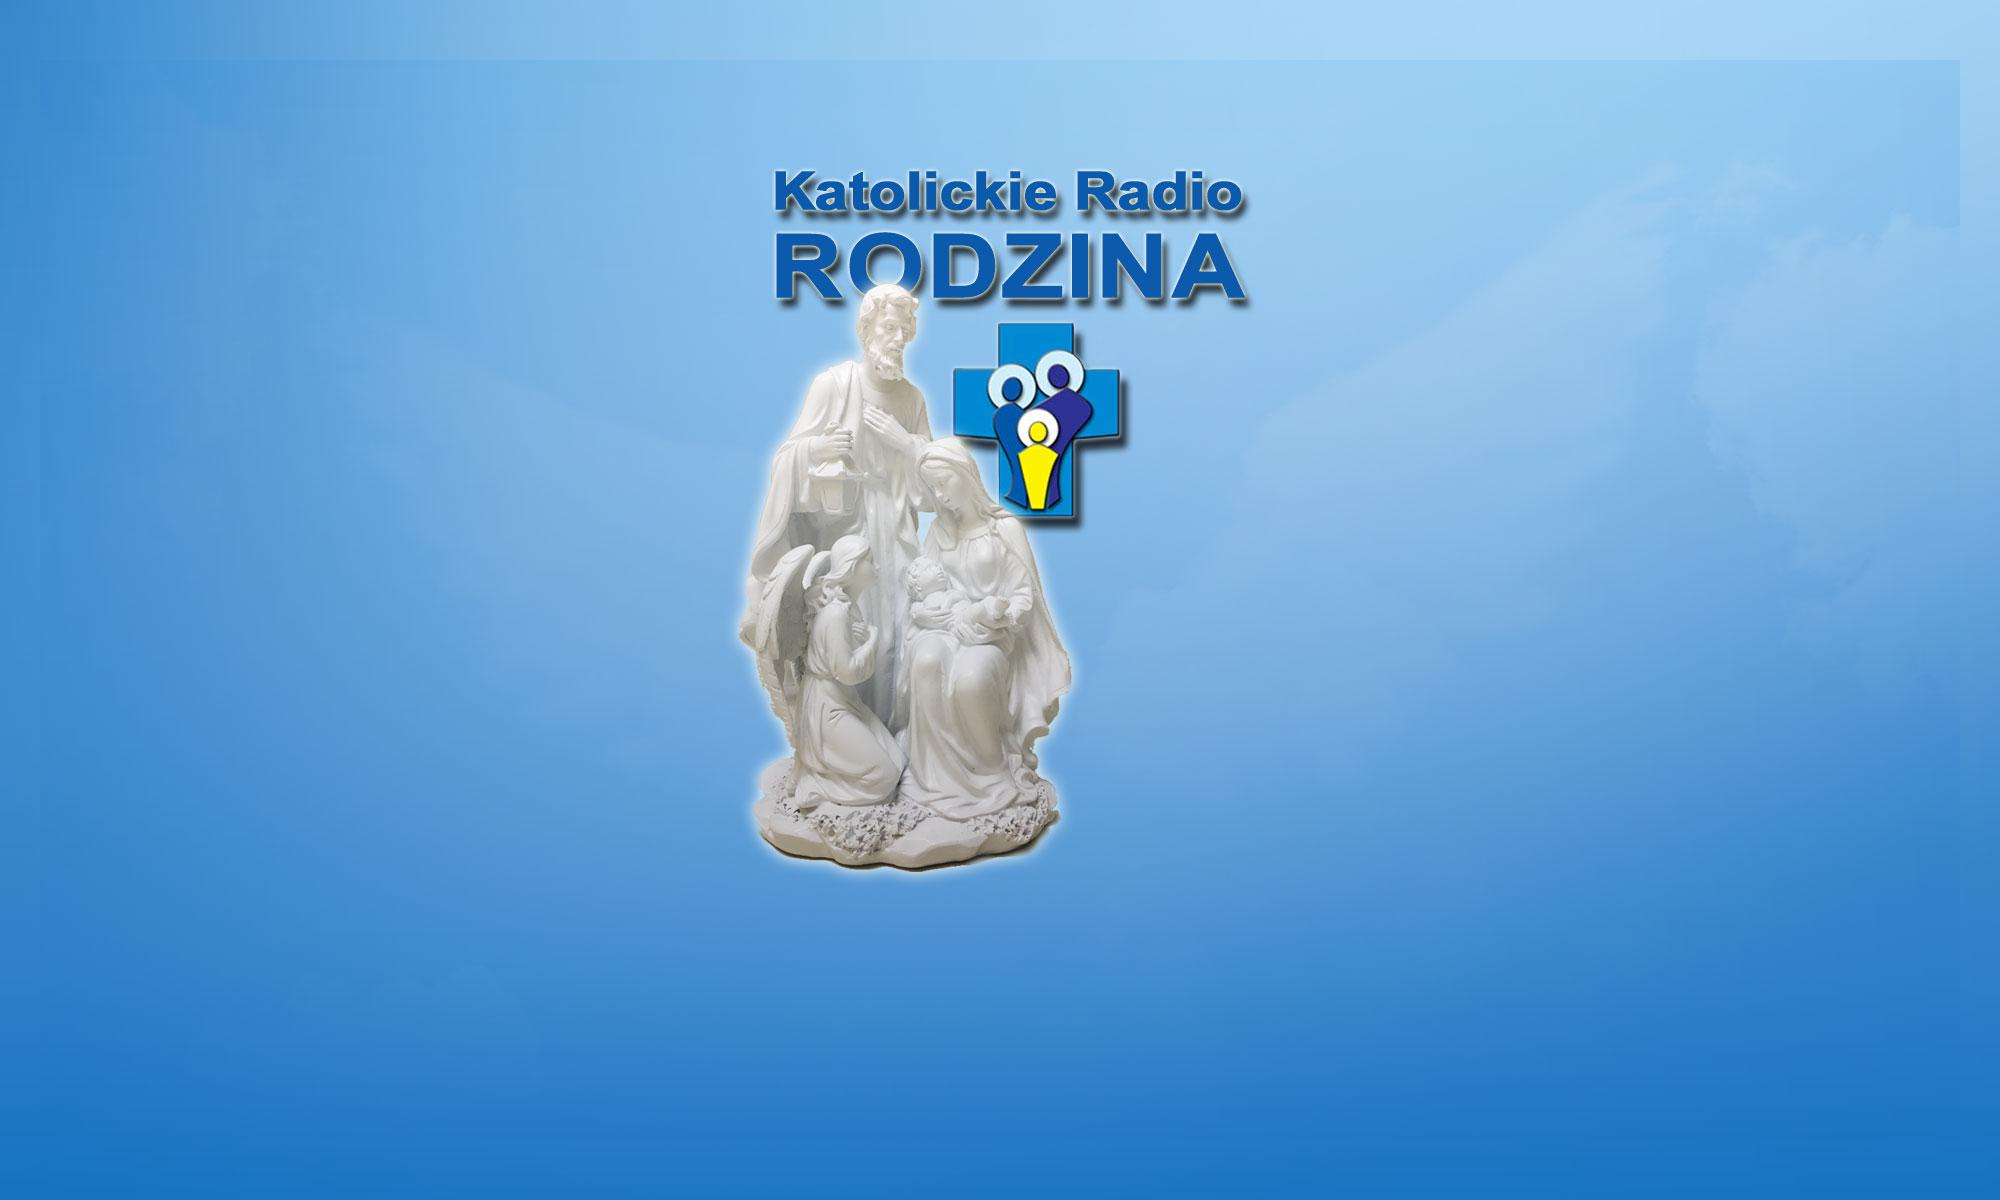 Catholic Radio RODZINA